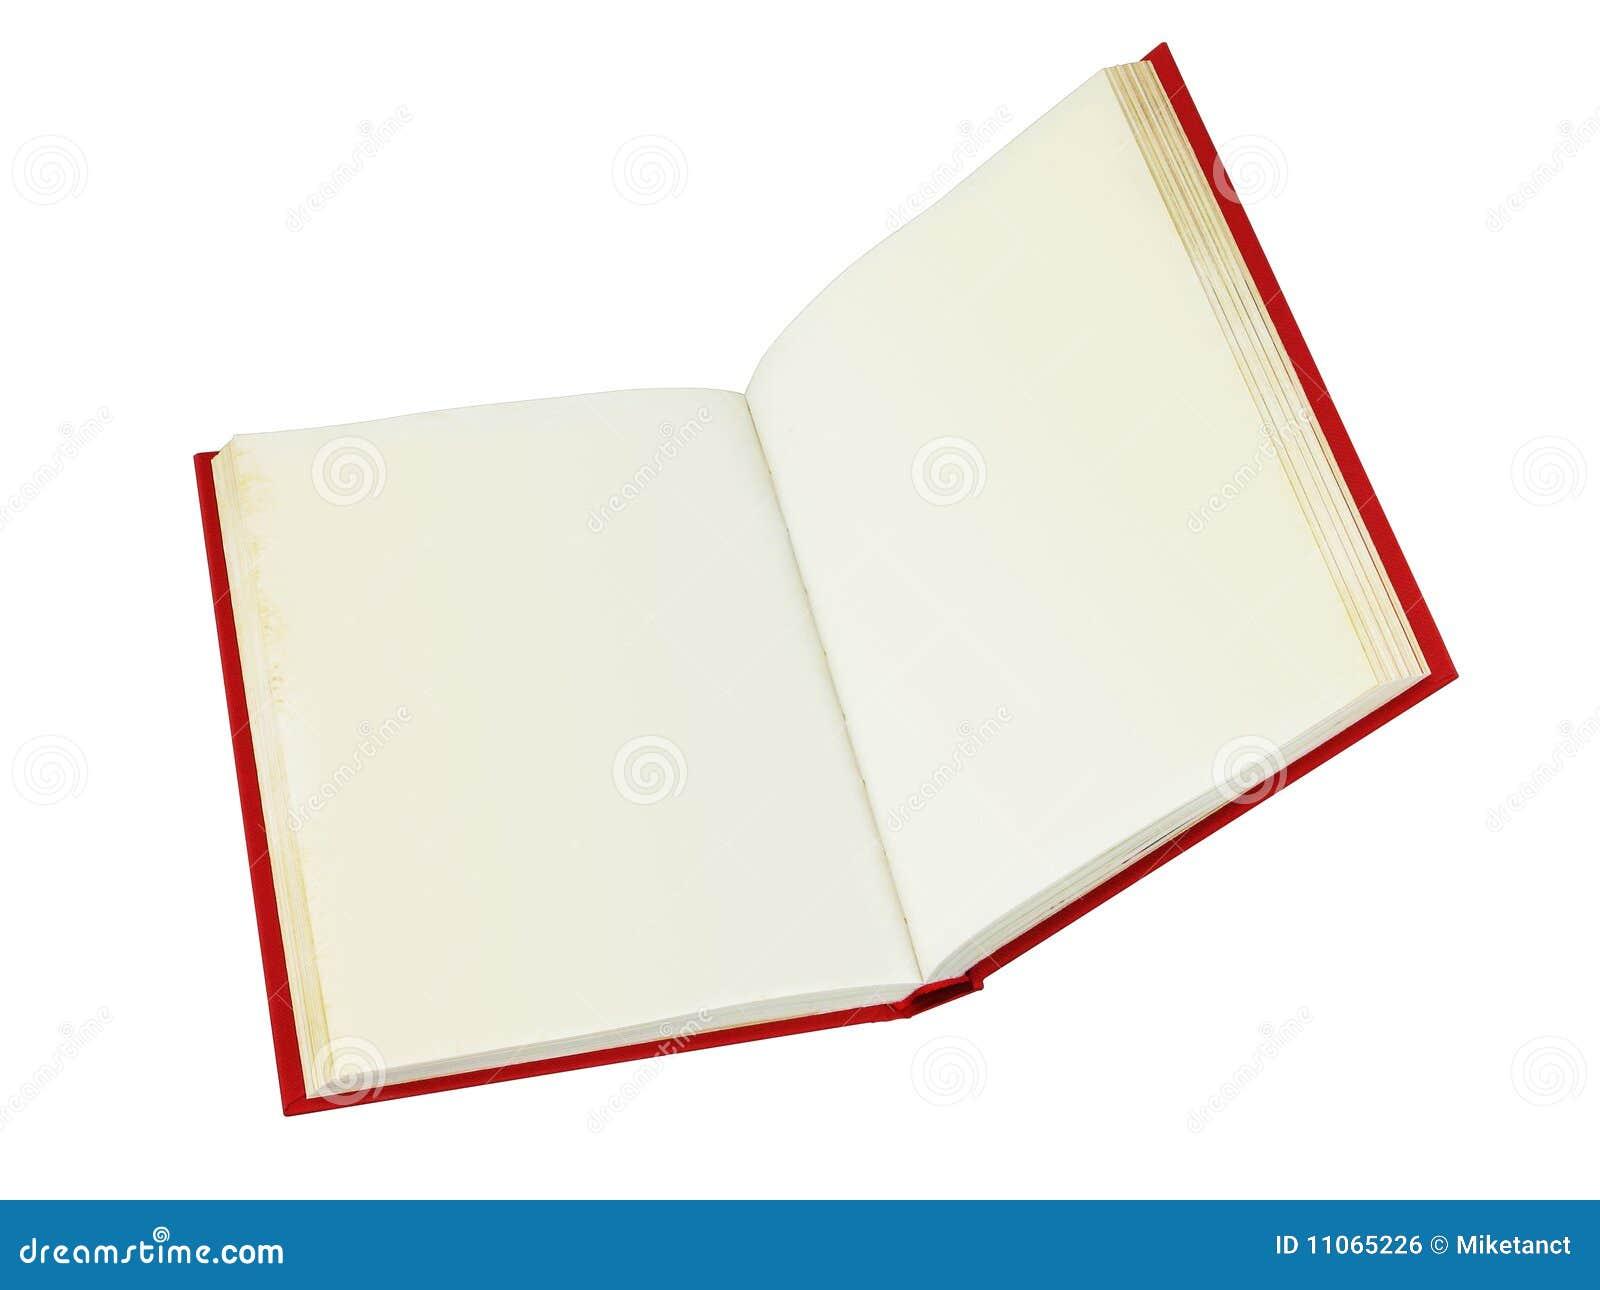 Książkowego ścinku otwarta ścieżka